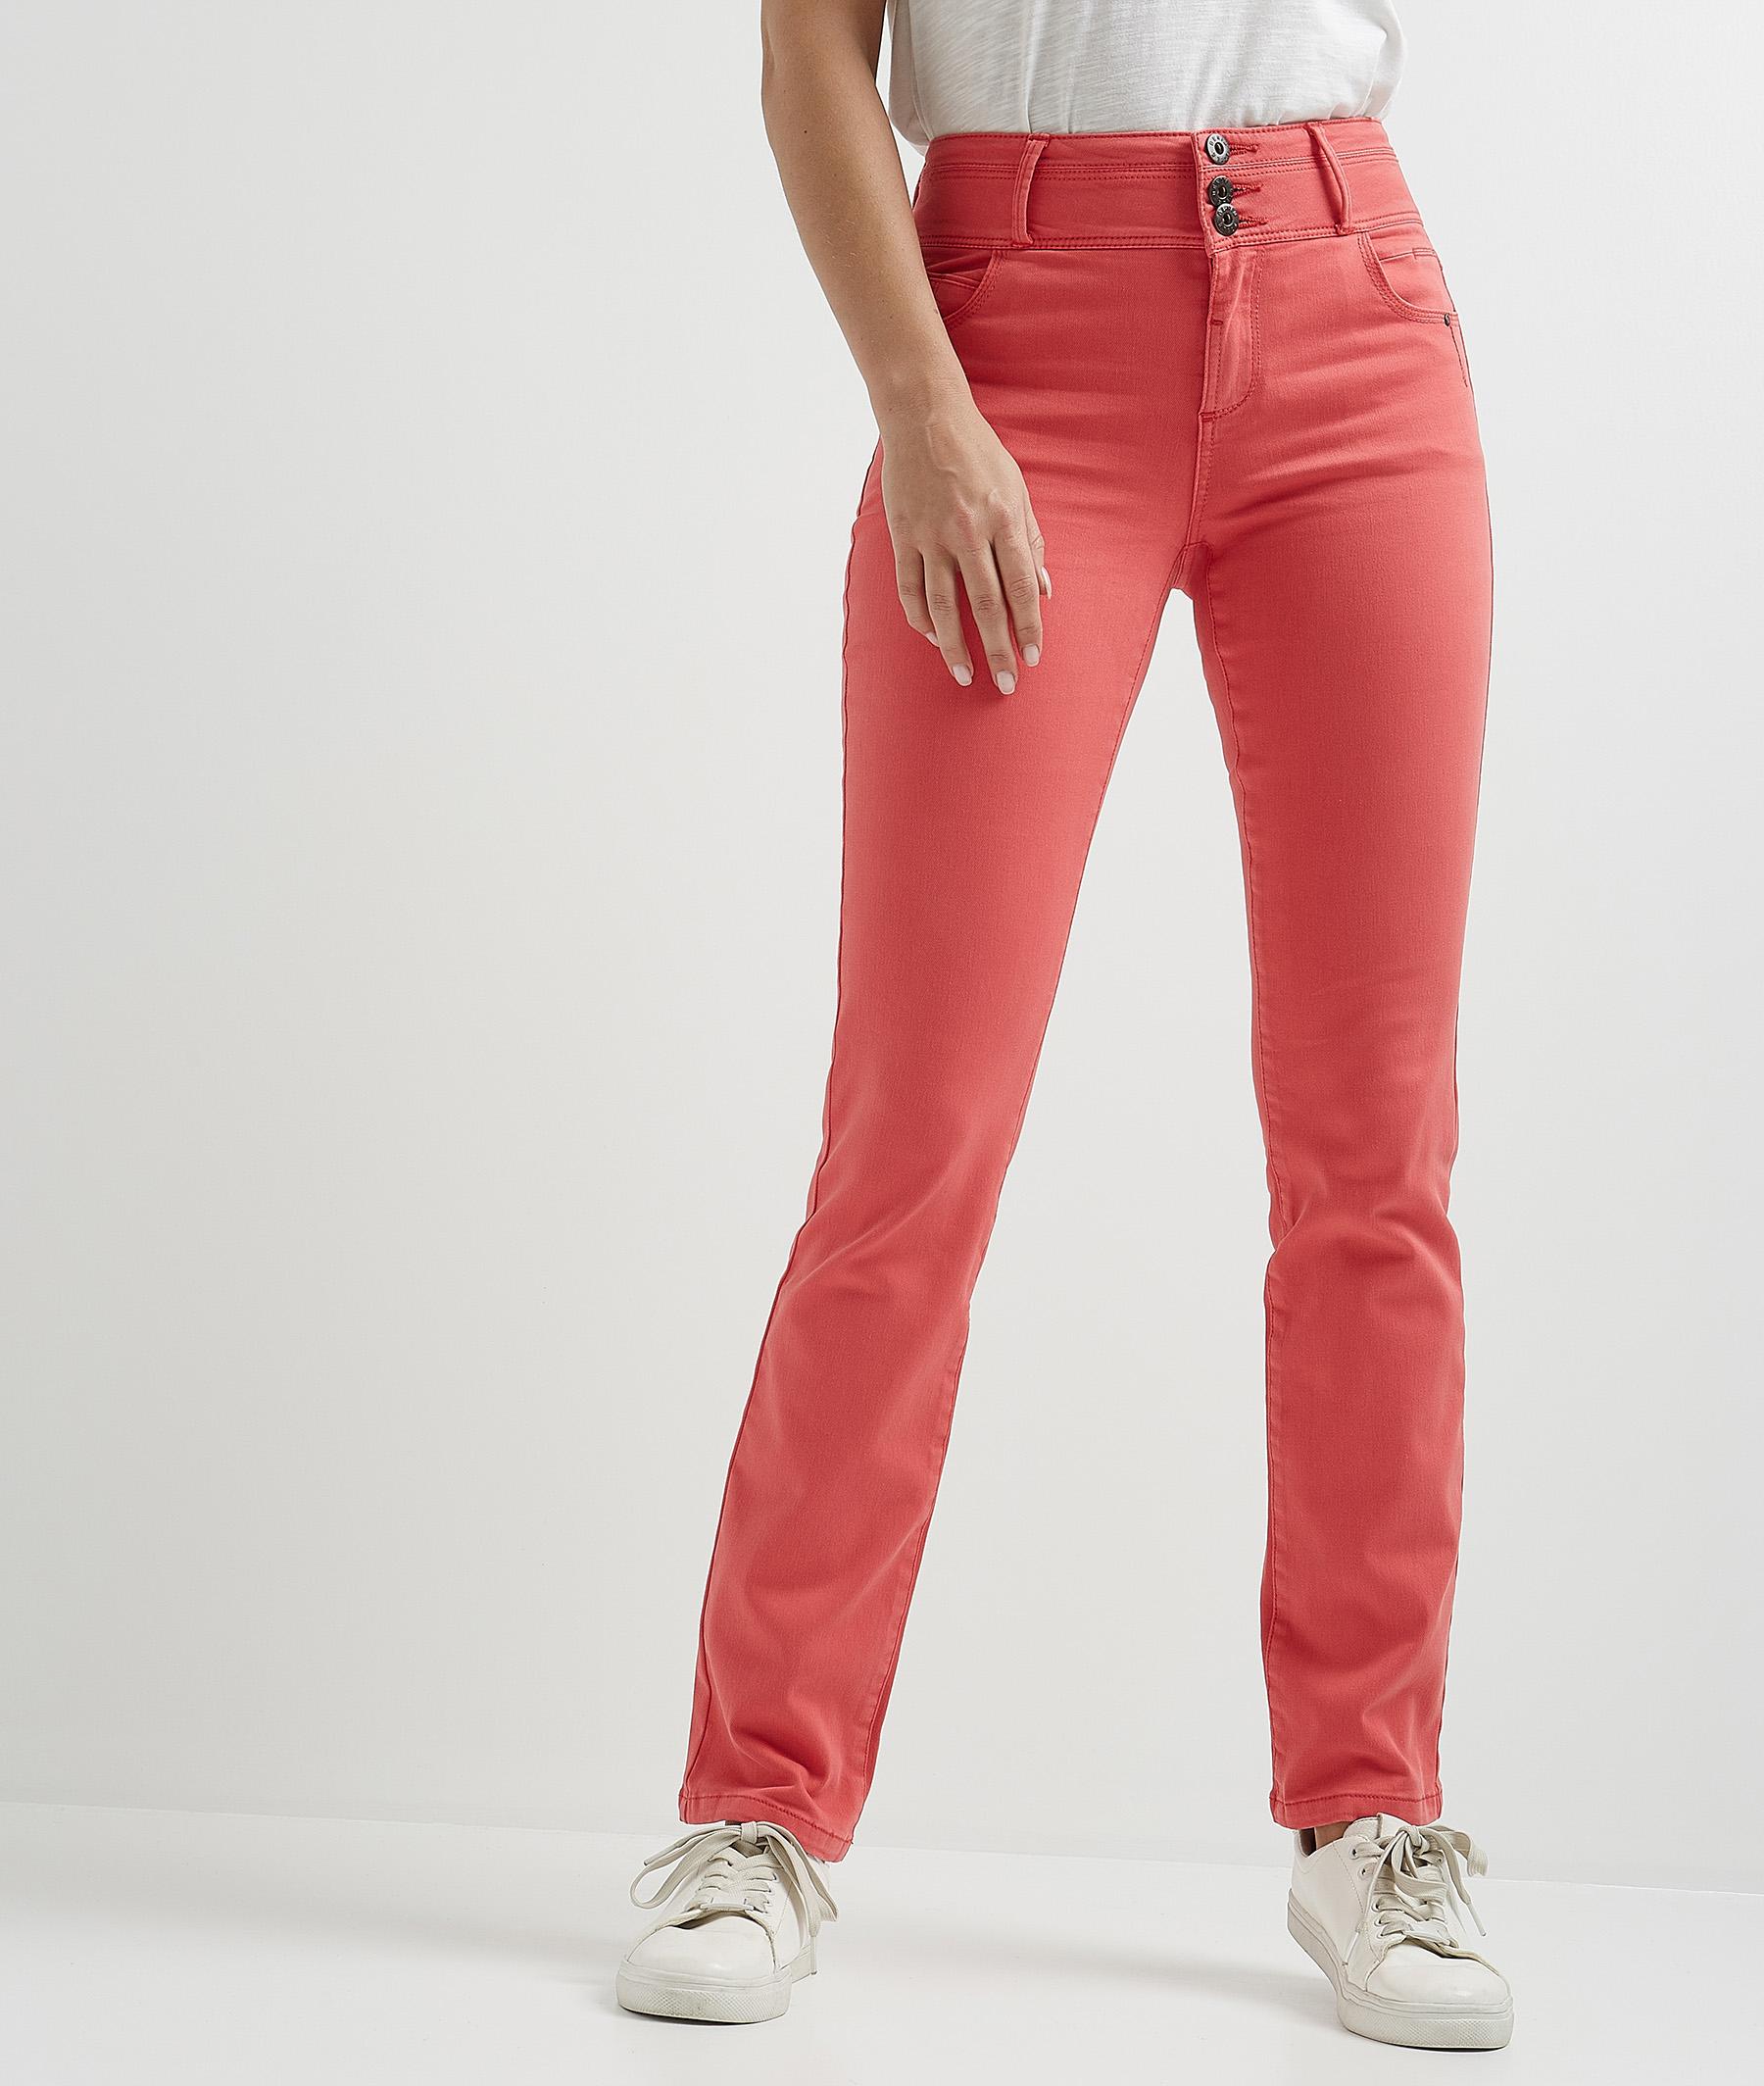 Pantalon droit taille haute de couleur CORAIL